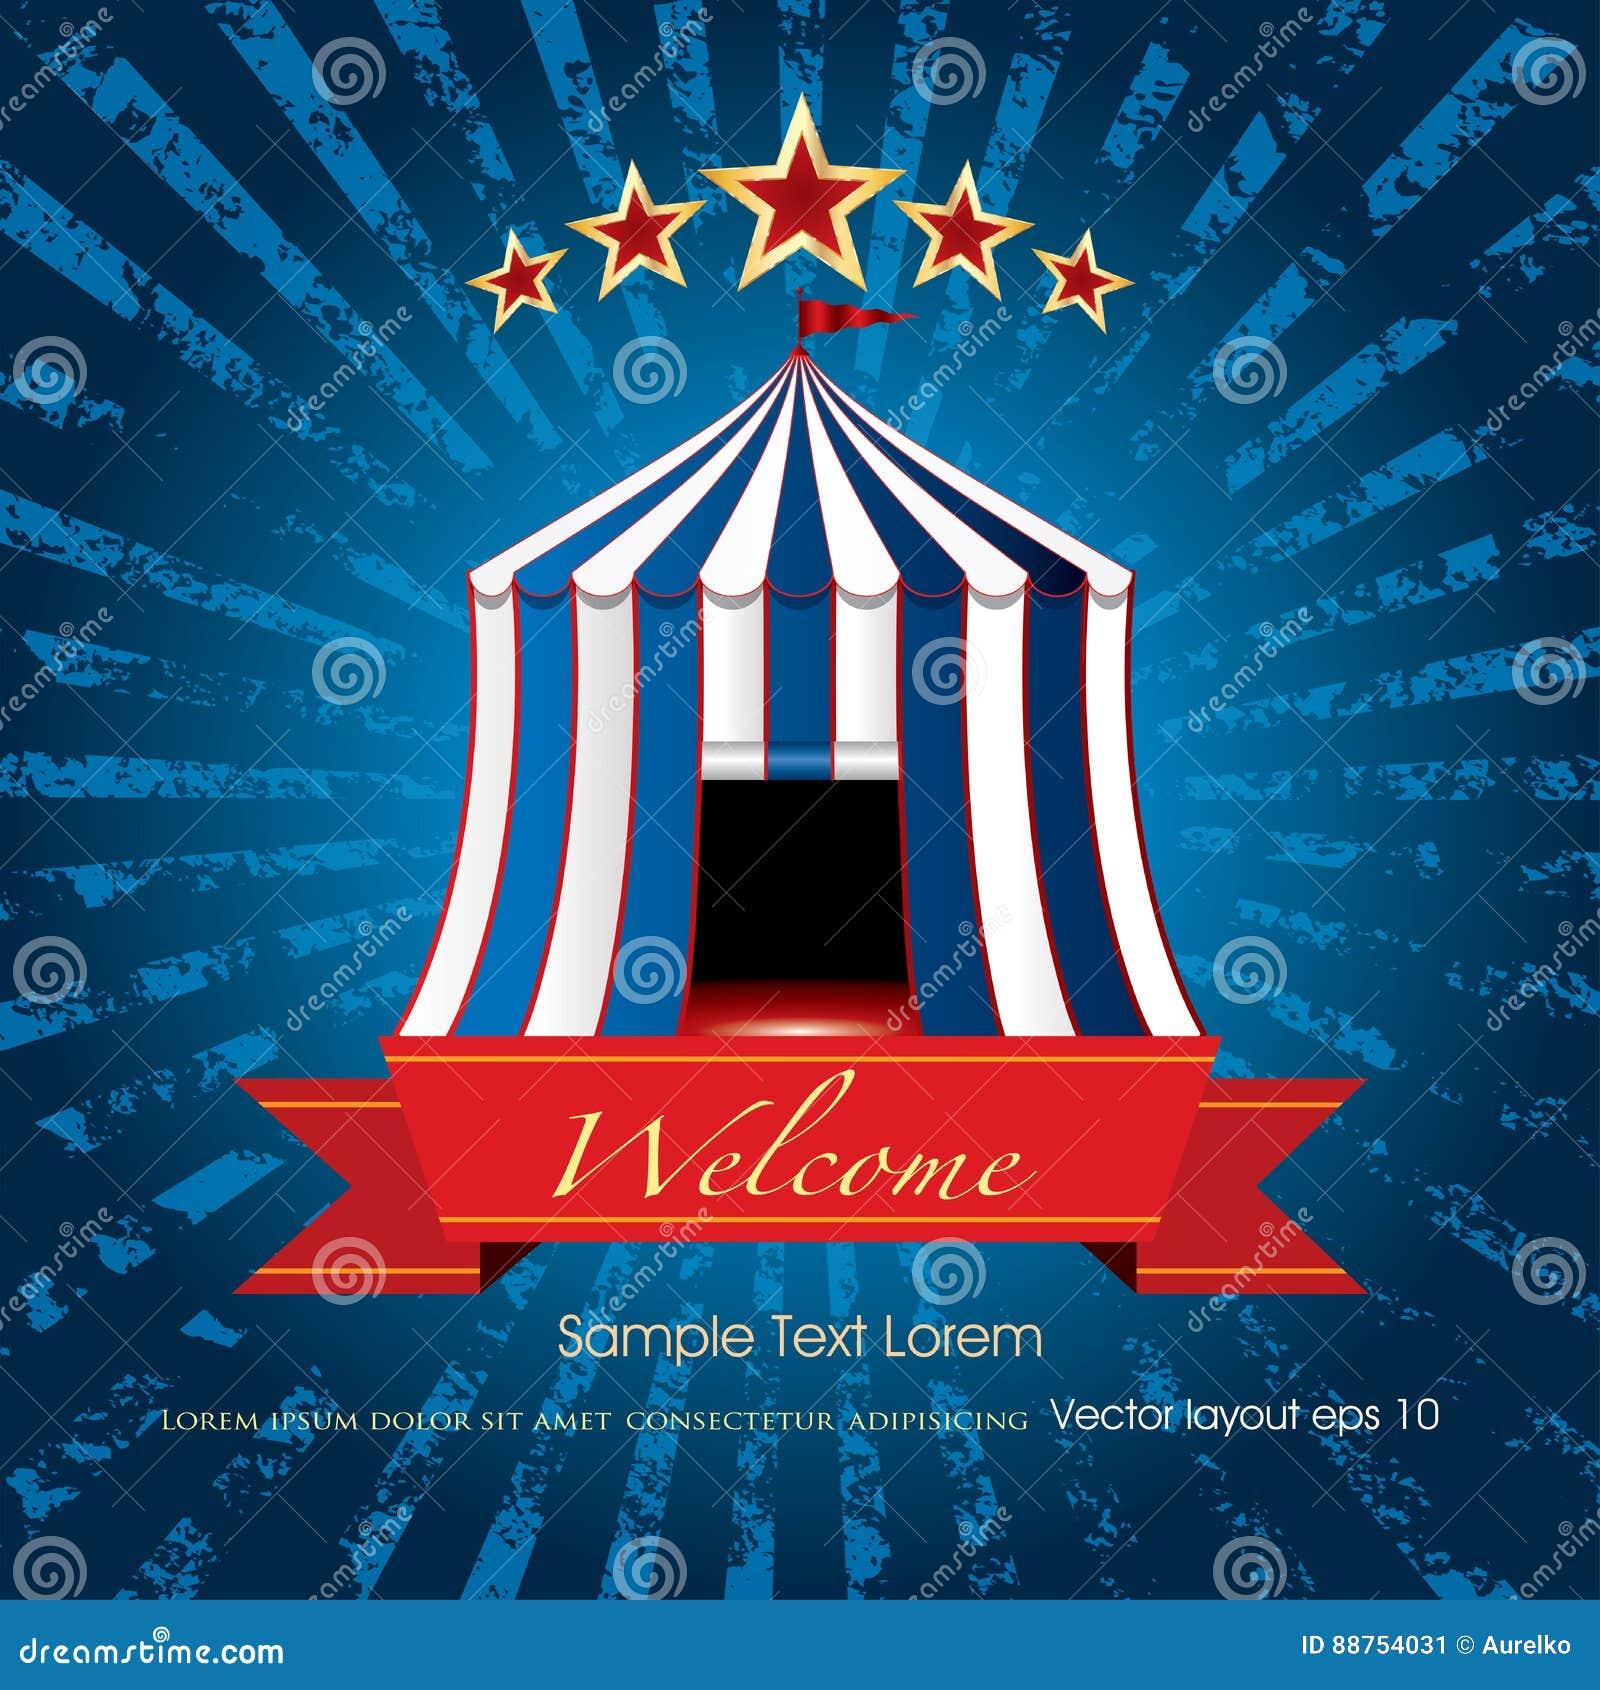 e745ce7fa5 Explosão Azul Bem-vinda Do Circo Ilustração do Vetor - Ilustração de ...